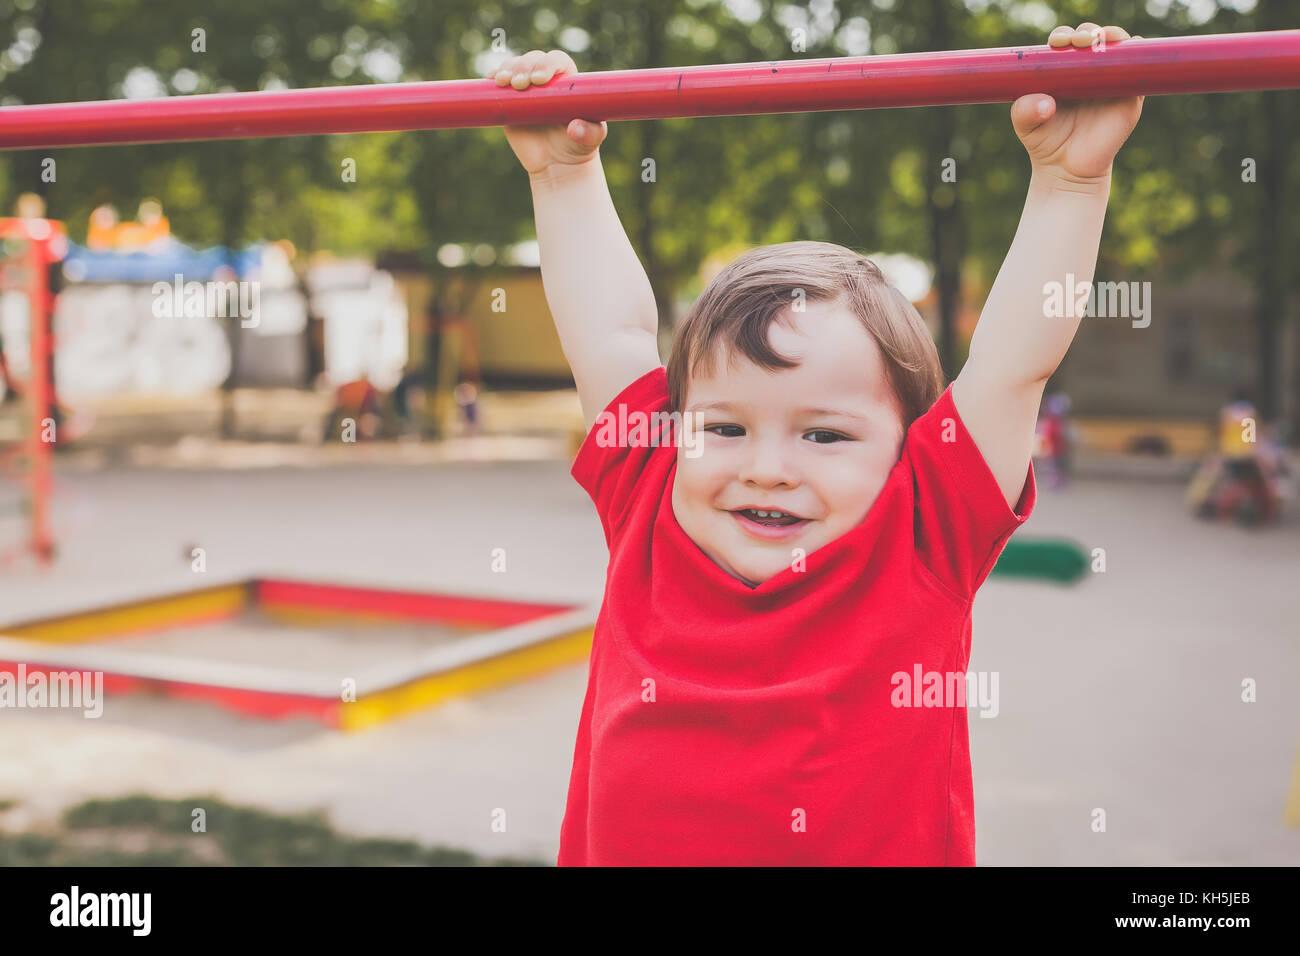 Portrait von cute junge lächelnd und Spielen auf dem Spielplatz Stockbild